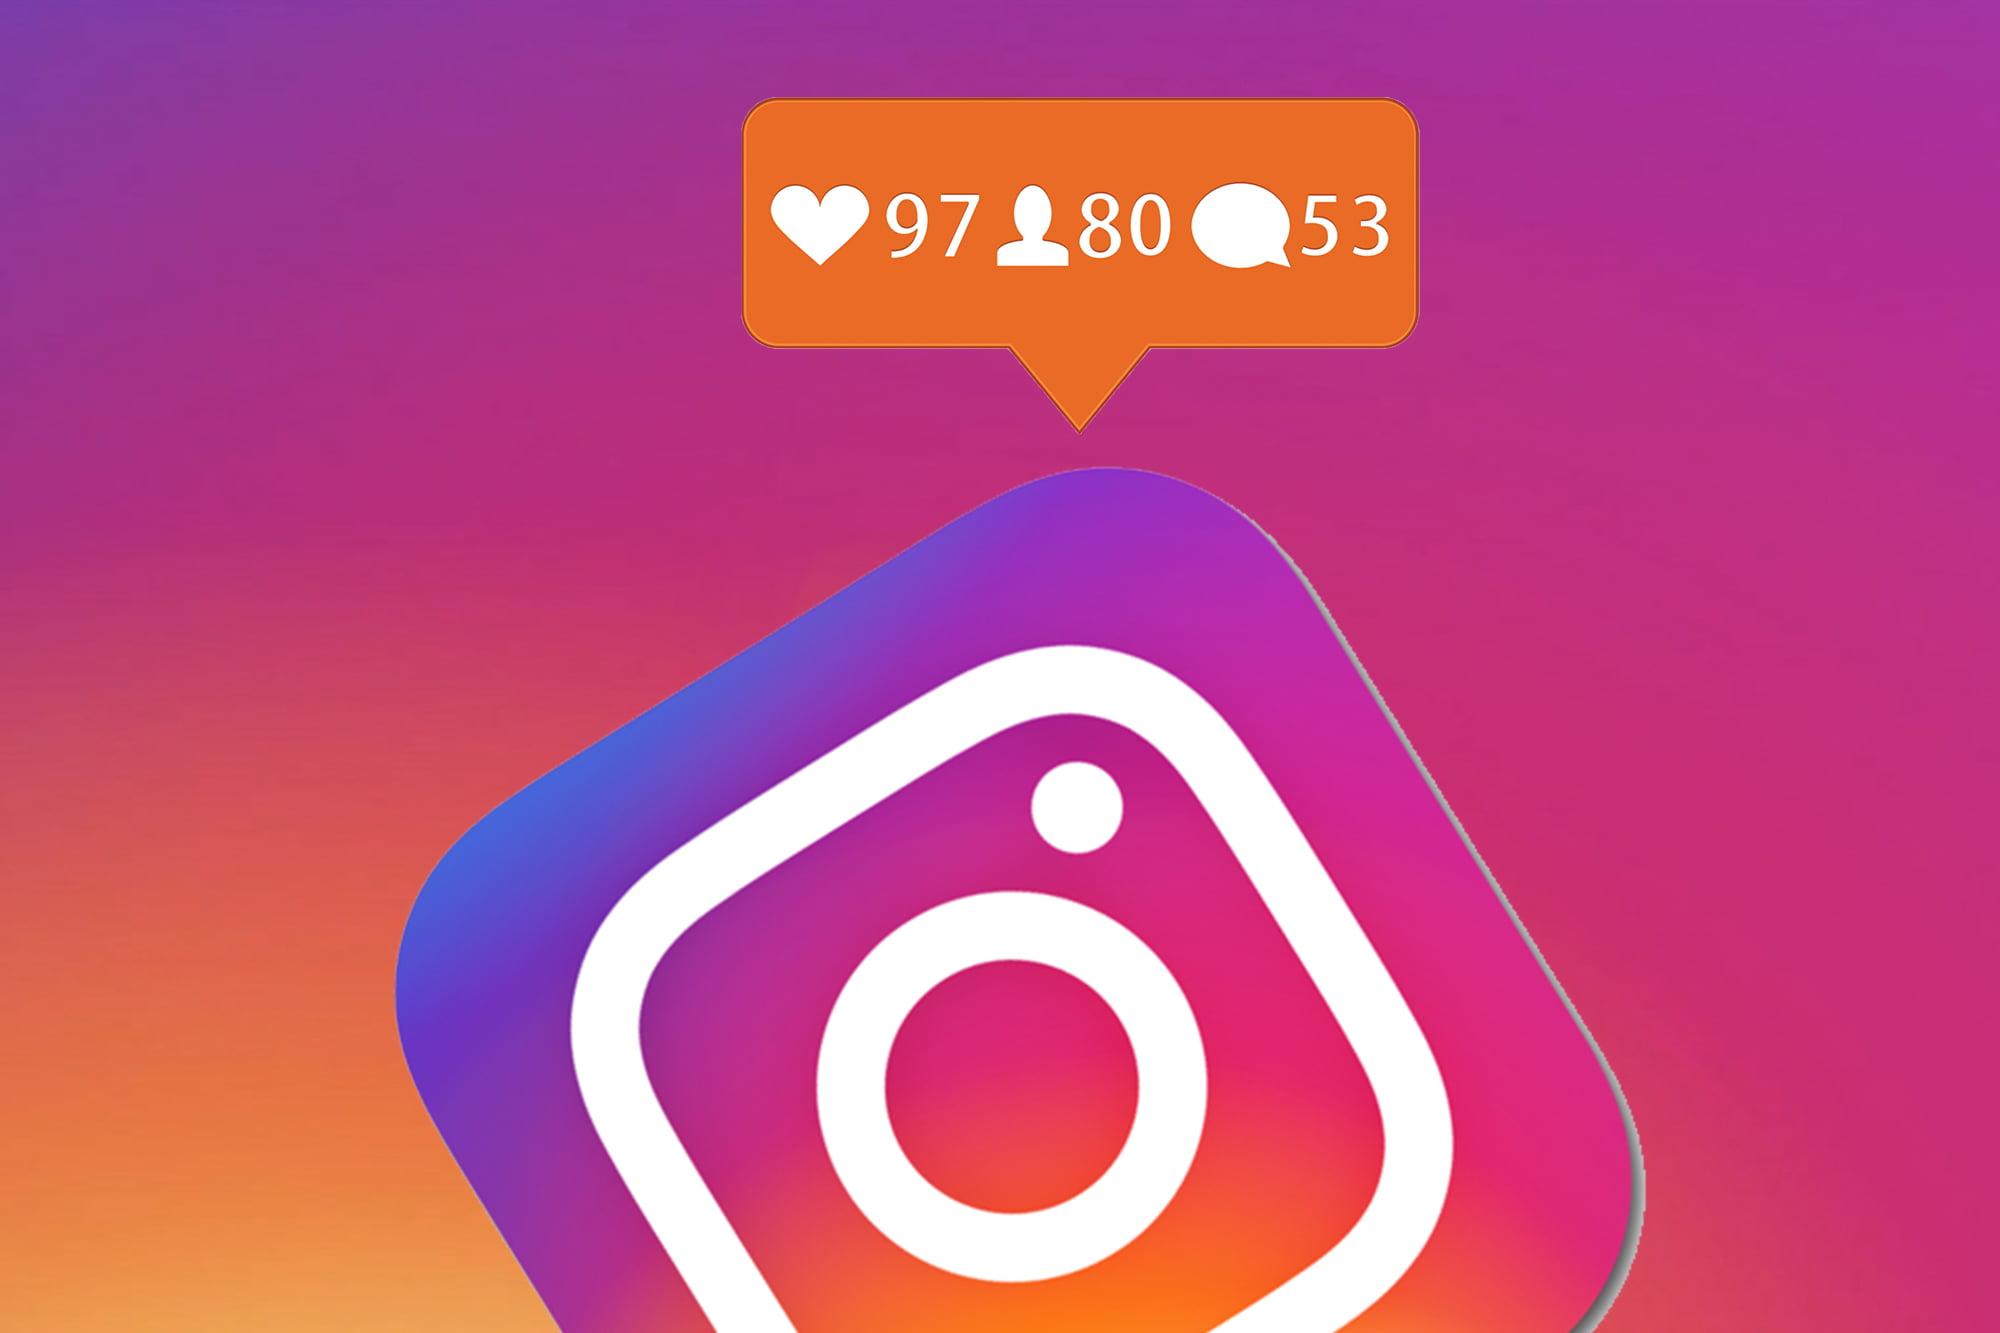 Instagram profil büyütme: 2020 Instagram takipçi kasma ve kazanma!